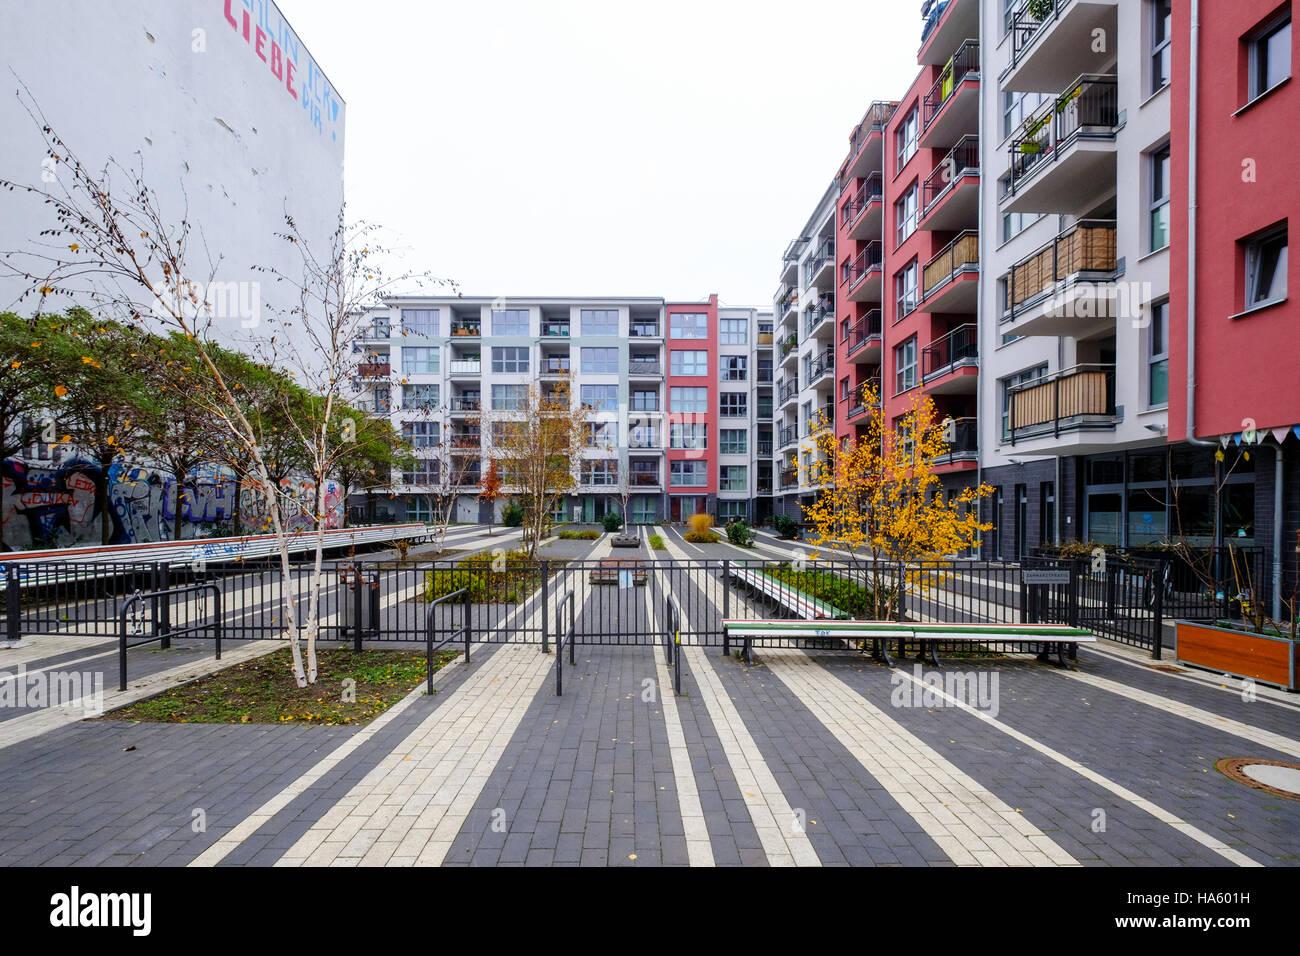 Moderne Wohnapartmentblock Entwicklung im Pettenkoferstrasse in Friedrichshain, Berlin, Deutschland Stockbild